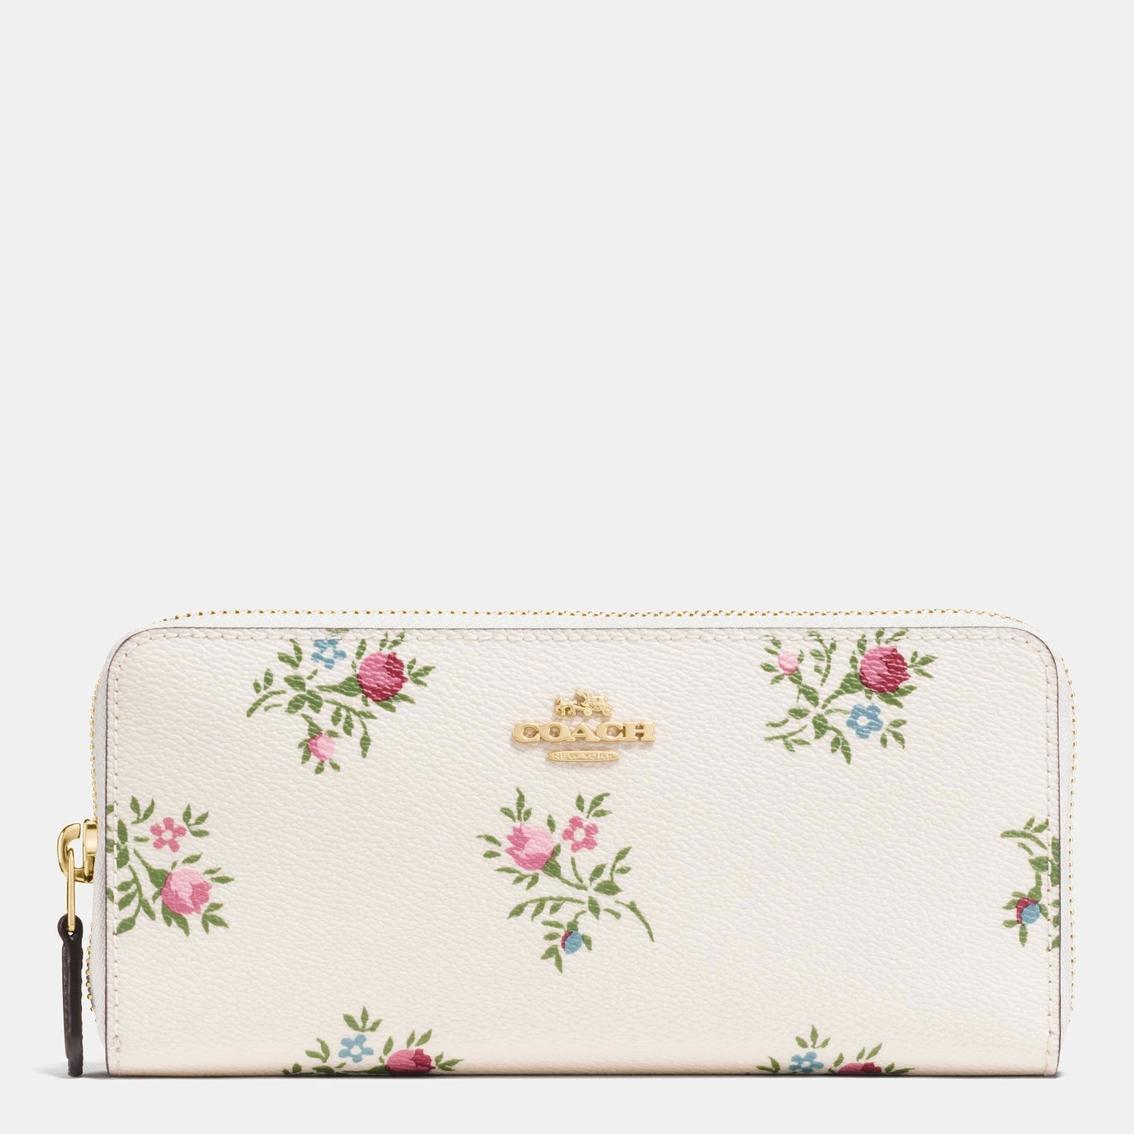 Coach slim accordion zip wallet with cross stitch floral print coach slim accordion zip wallet with cross stitch floral print coated canvas mightylinksfo